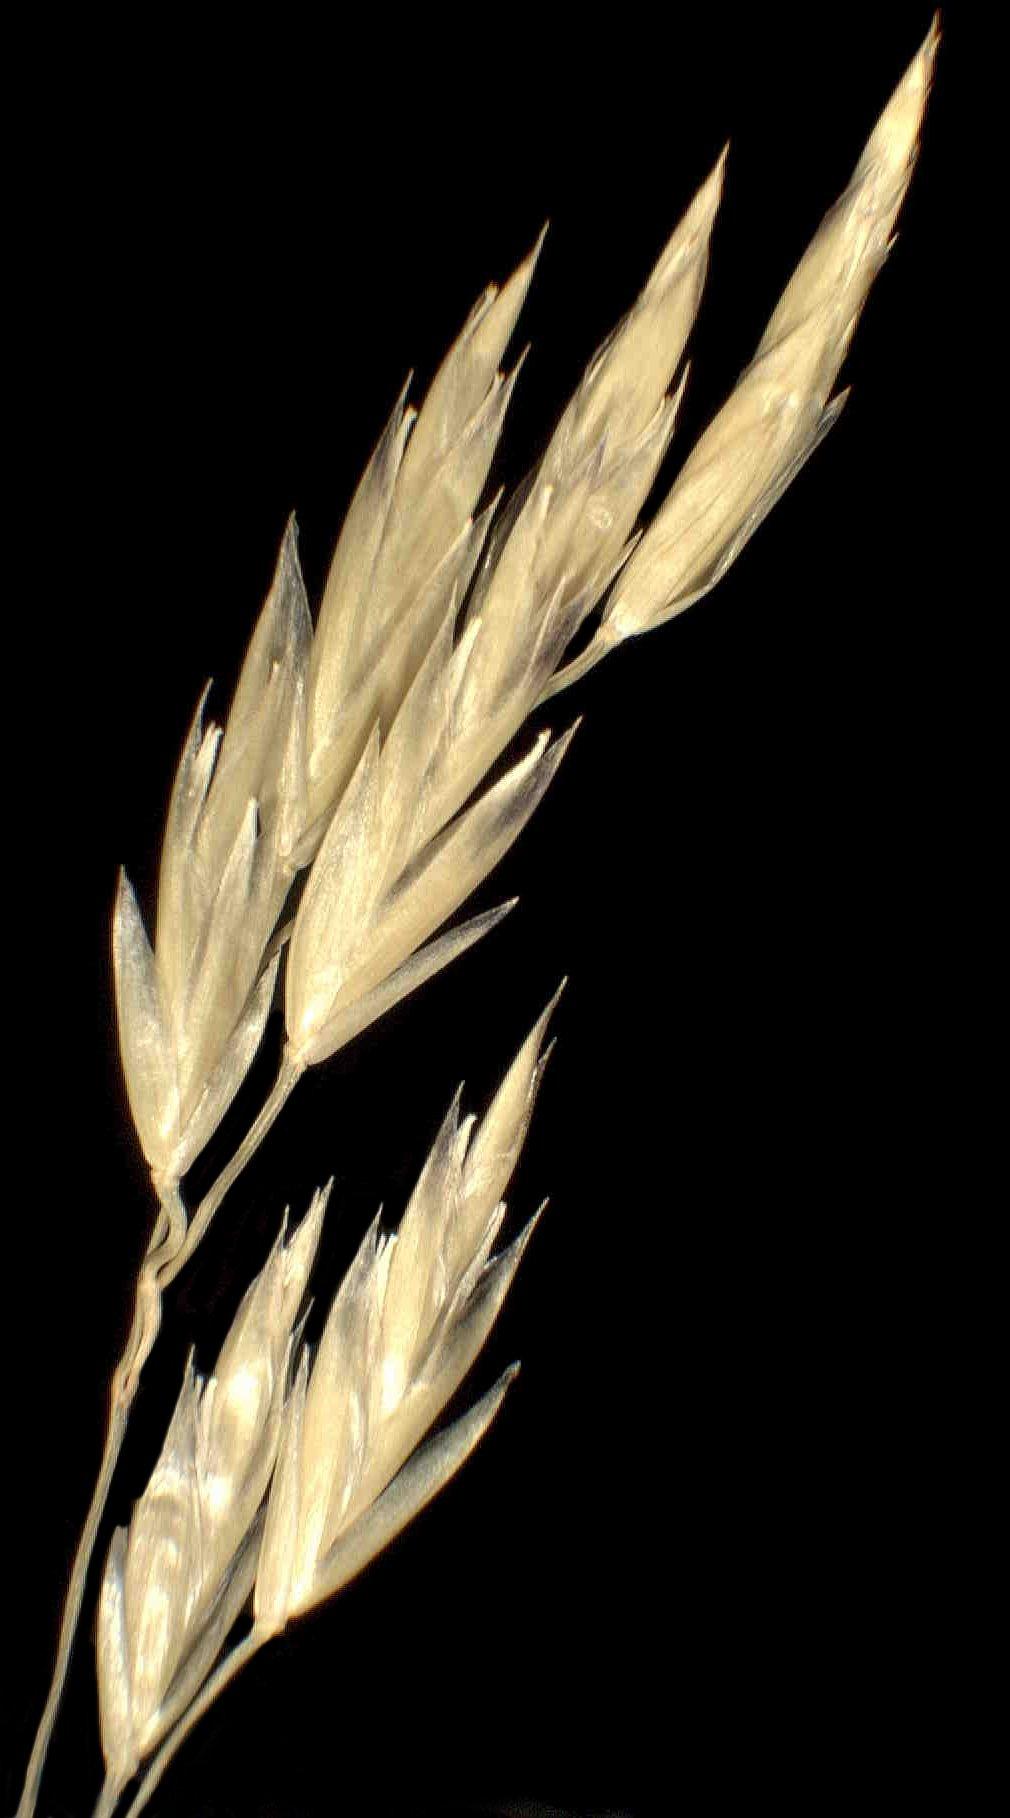 © Dipartimento di Scienze della Vita, Università degli Studi di Trieste<br>by Andrea Moro<br>Prealpi Giulie, pendici del Monte Plauris. , UD, FVG, Italia, 22/12/04 0.00.00<br>Distributed under CC-BY-SA 4.0 license.